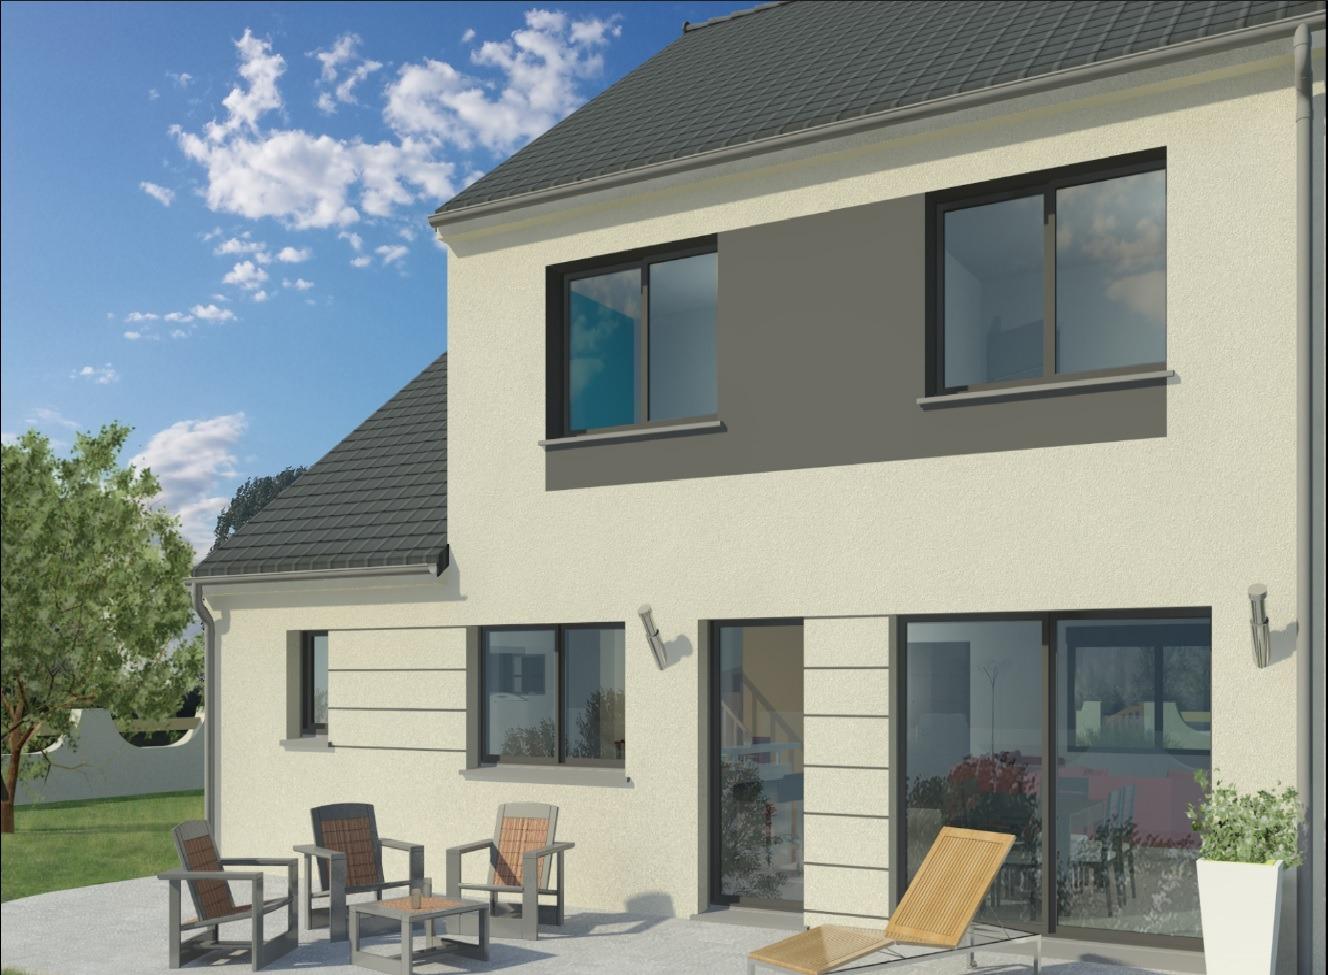 Maisons + Terrains du constructeur MAISONS PHENIX • 106 m² • LANEUVELOTTE